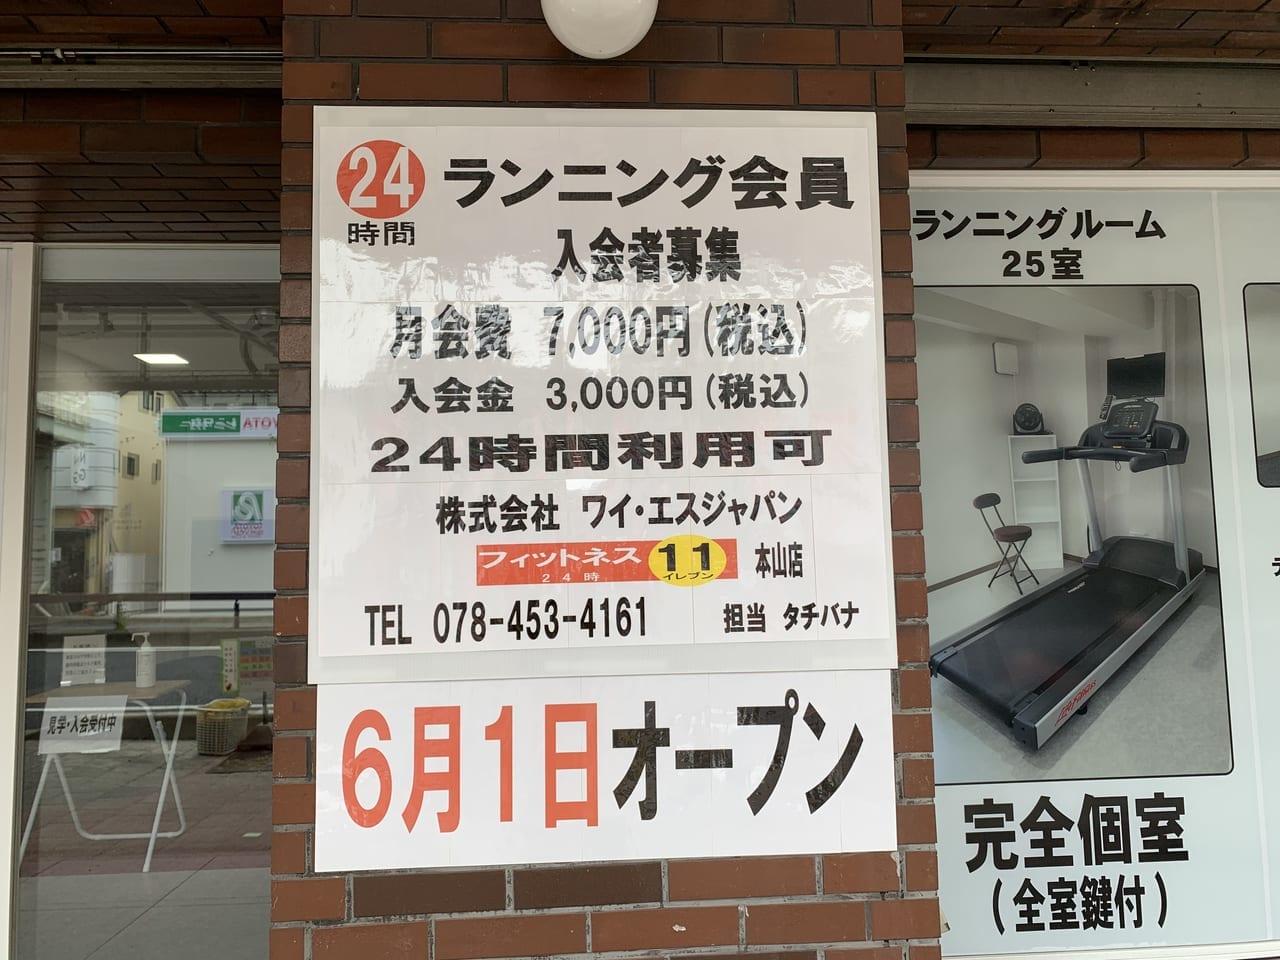 24時間「フィットネス イレブン 本山」